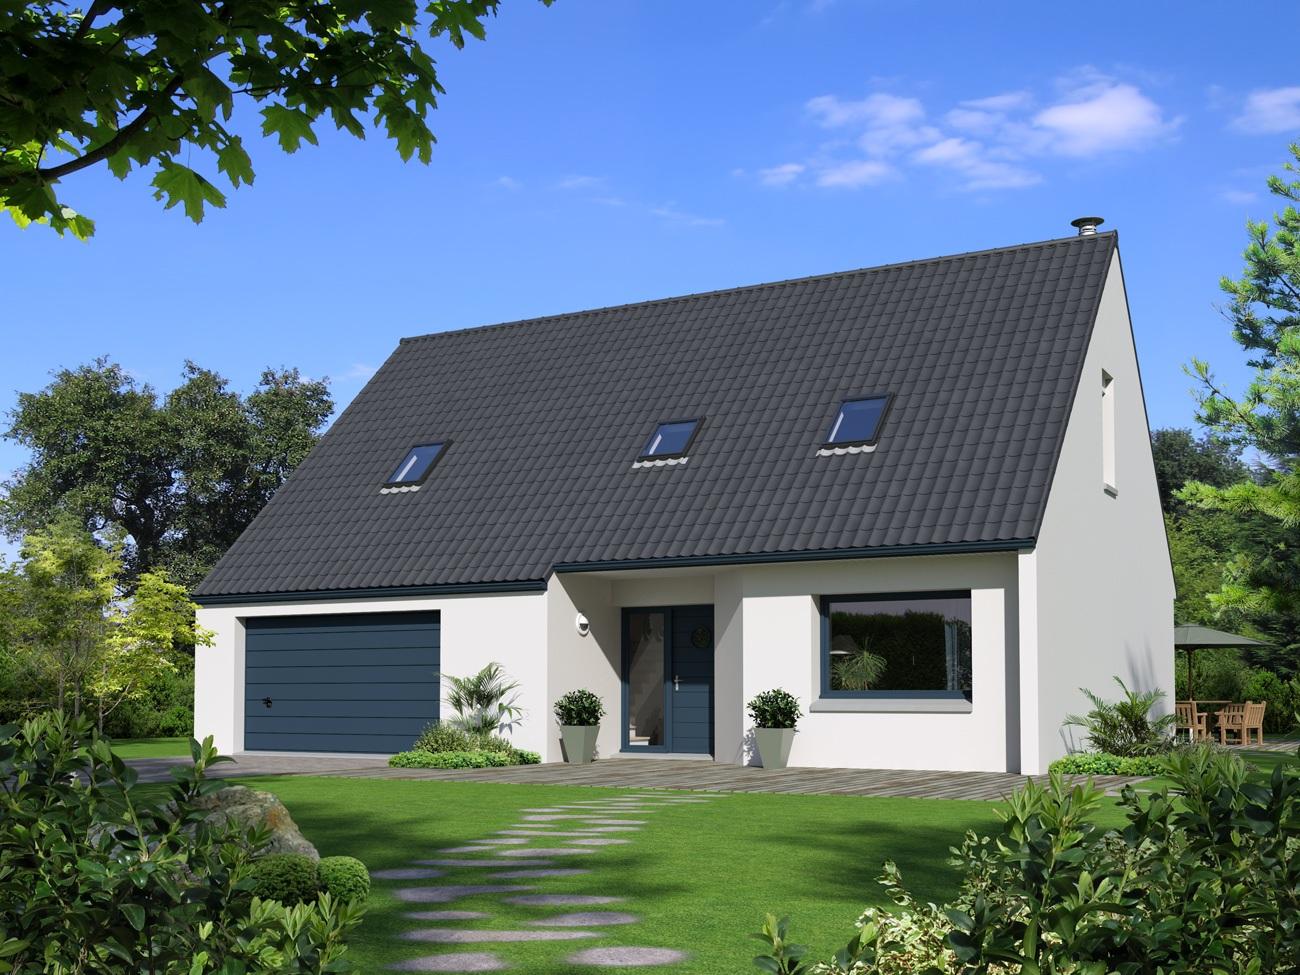 Maisons + Terrains du constructeur MAISON FAMILIALE • 107 m² • LAPUGNOY